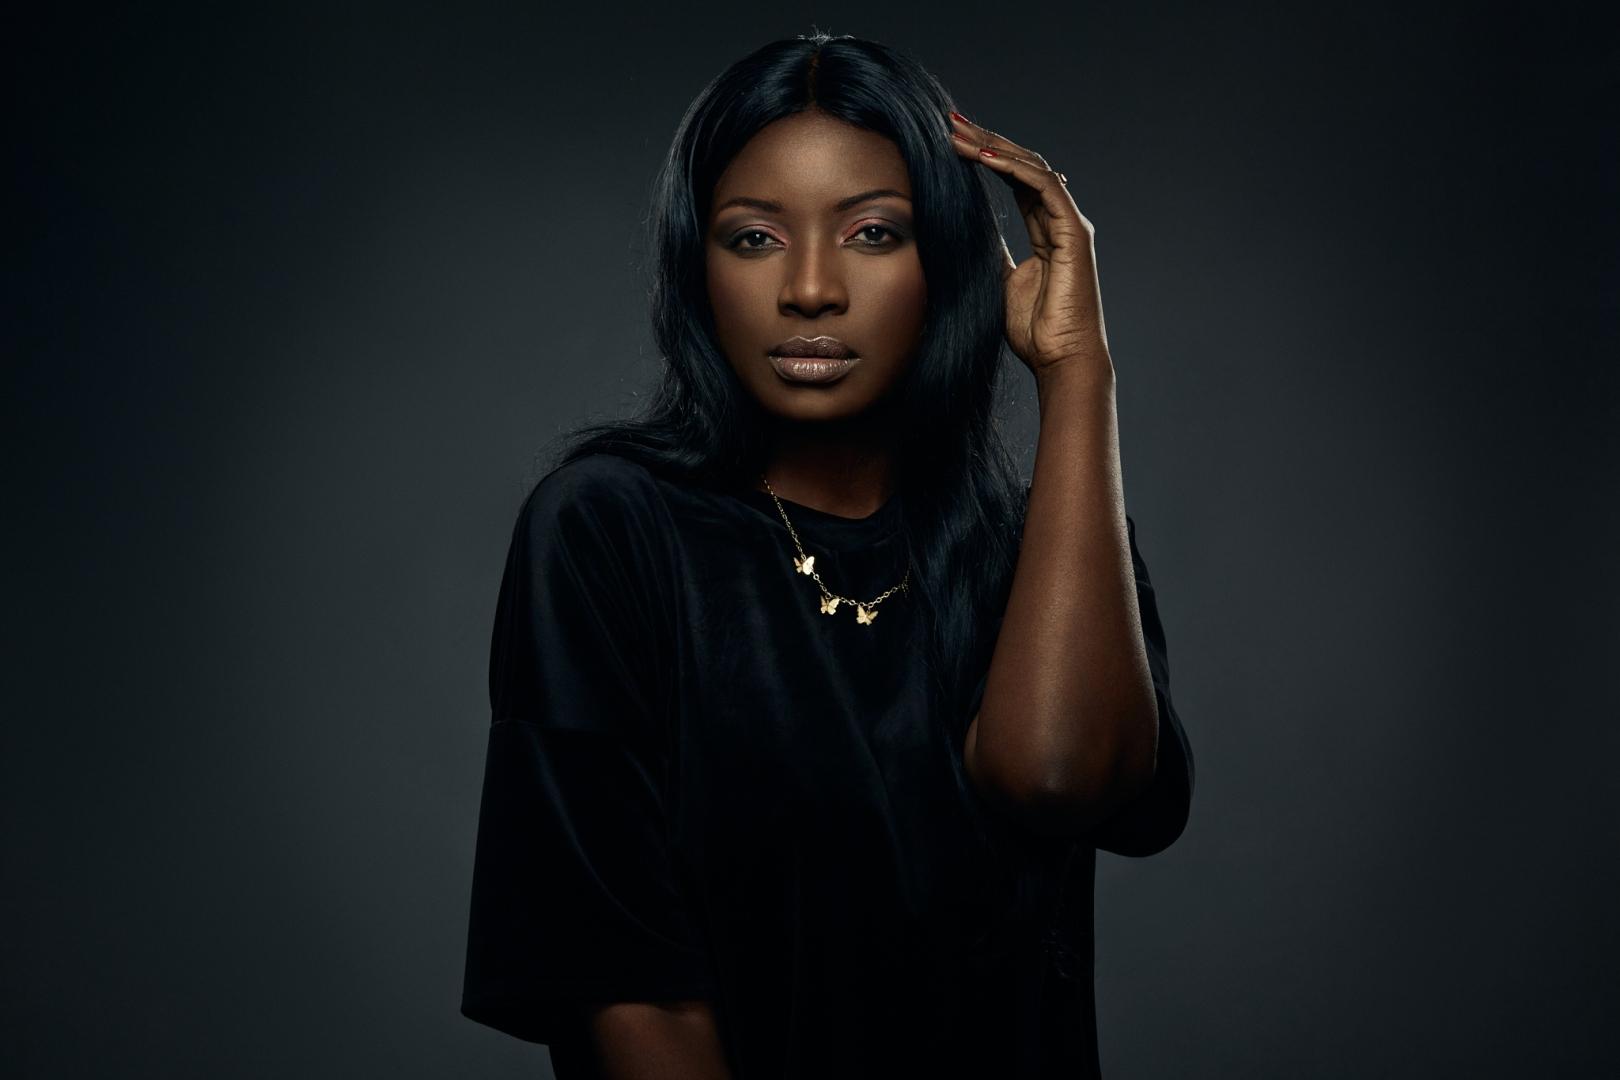 Retratos/Black Magic Woman